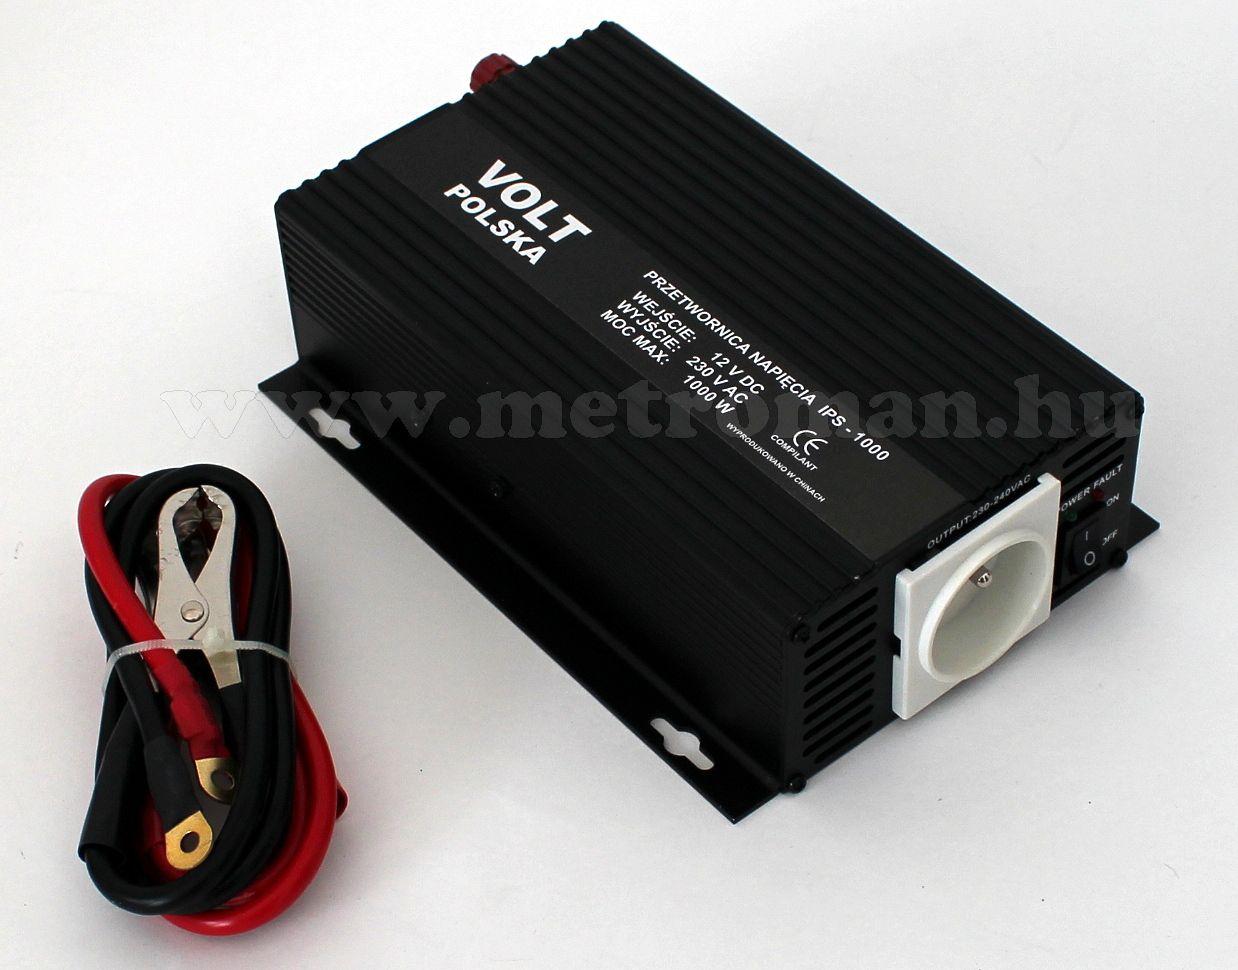 Feszültségátalakító , inverter  , 750 W  24 / 230 Volt,  IPS1000, ( francia csatlakozós )